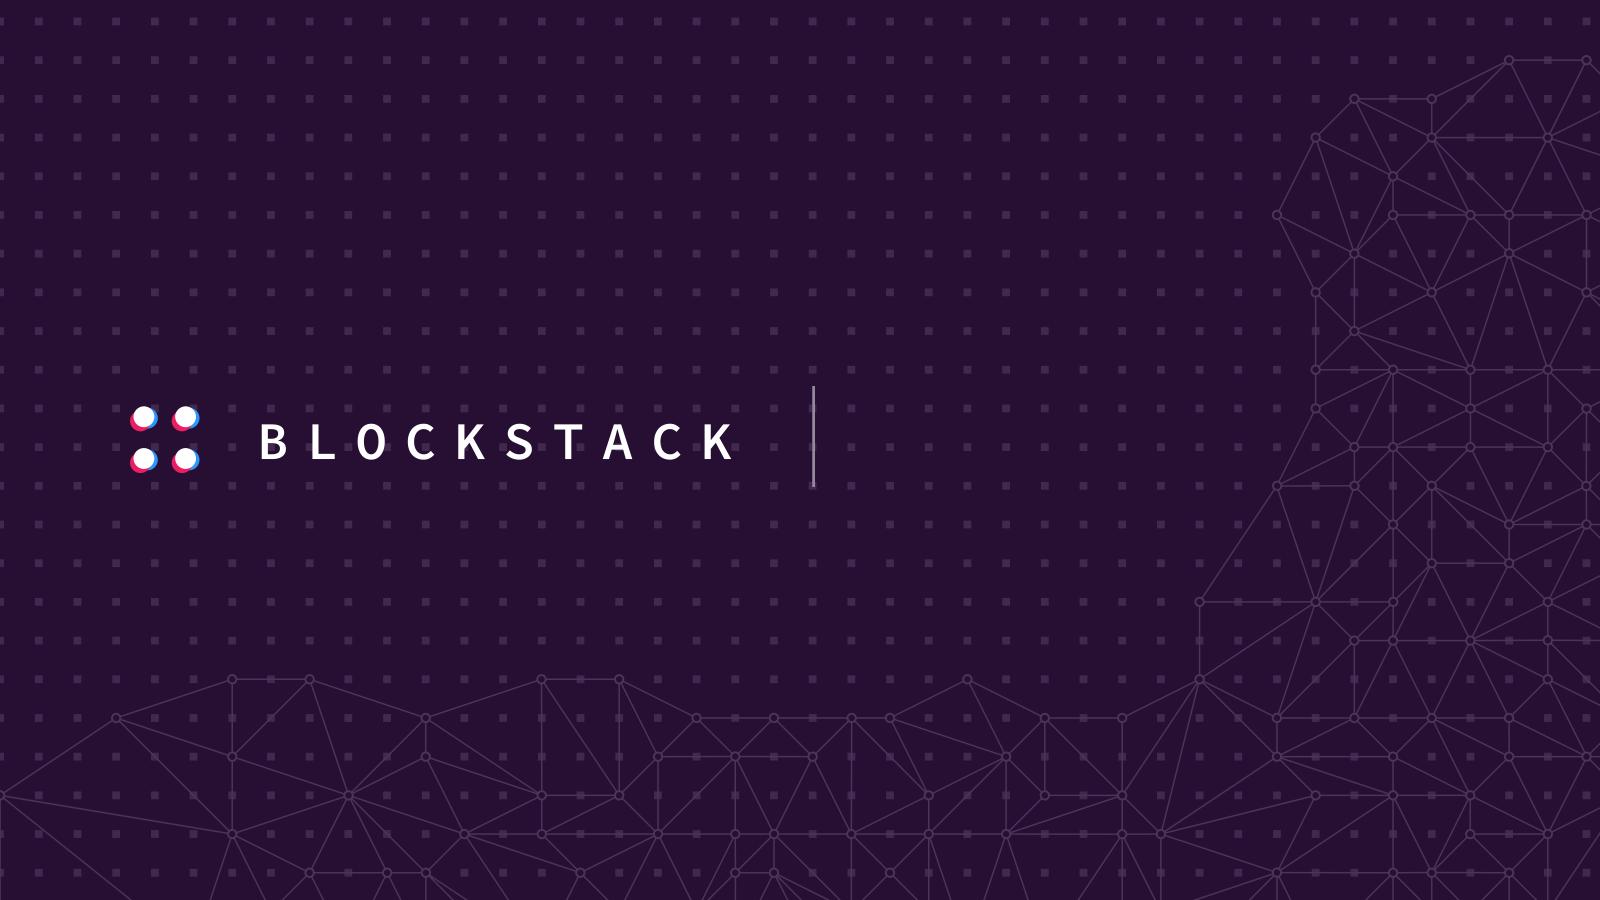 Blockstack consigue 23 millones de dólares en venta histórica de tokens calificada por la SEC